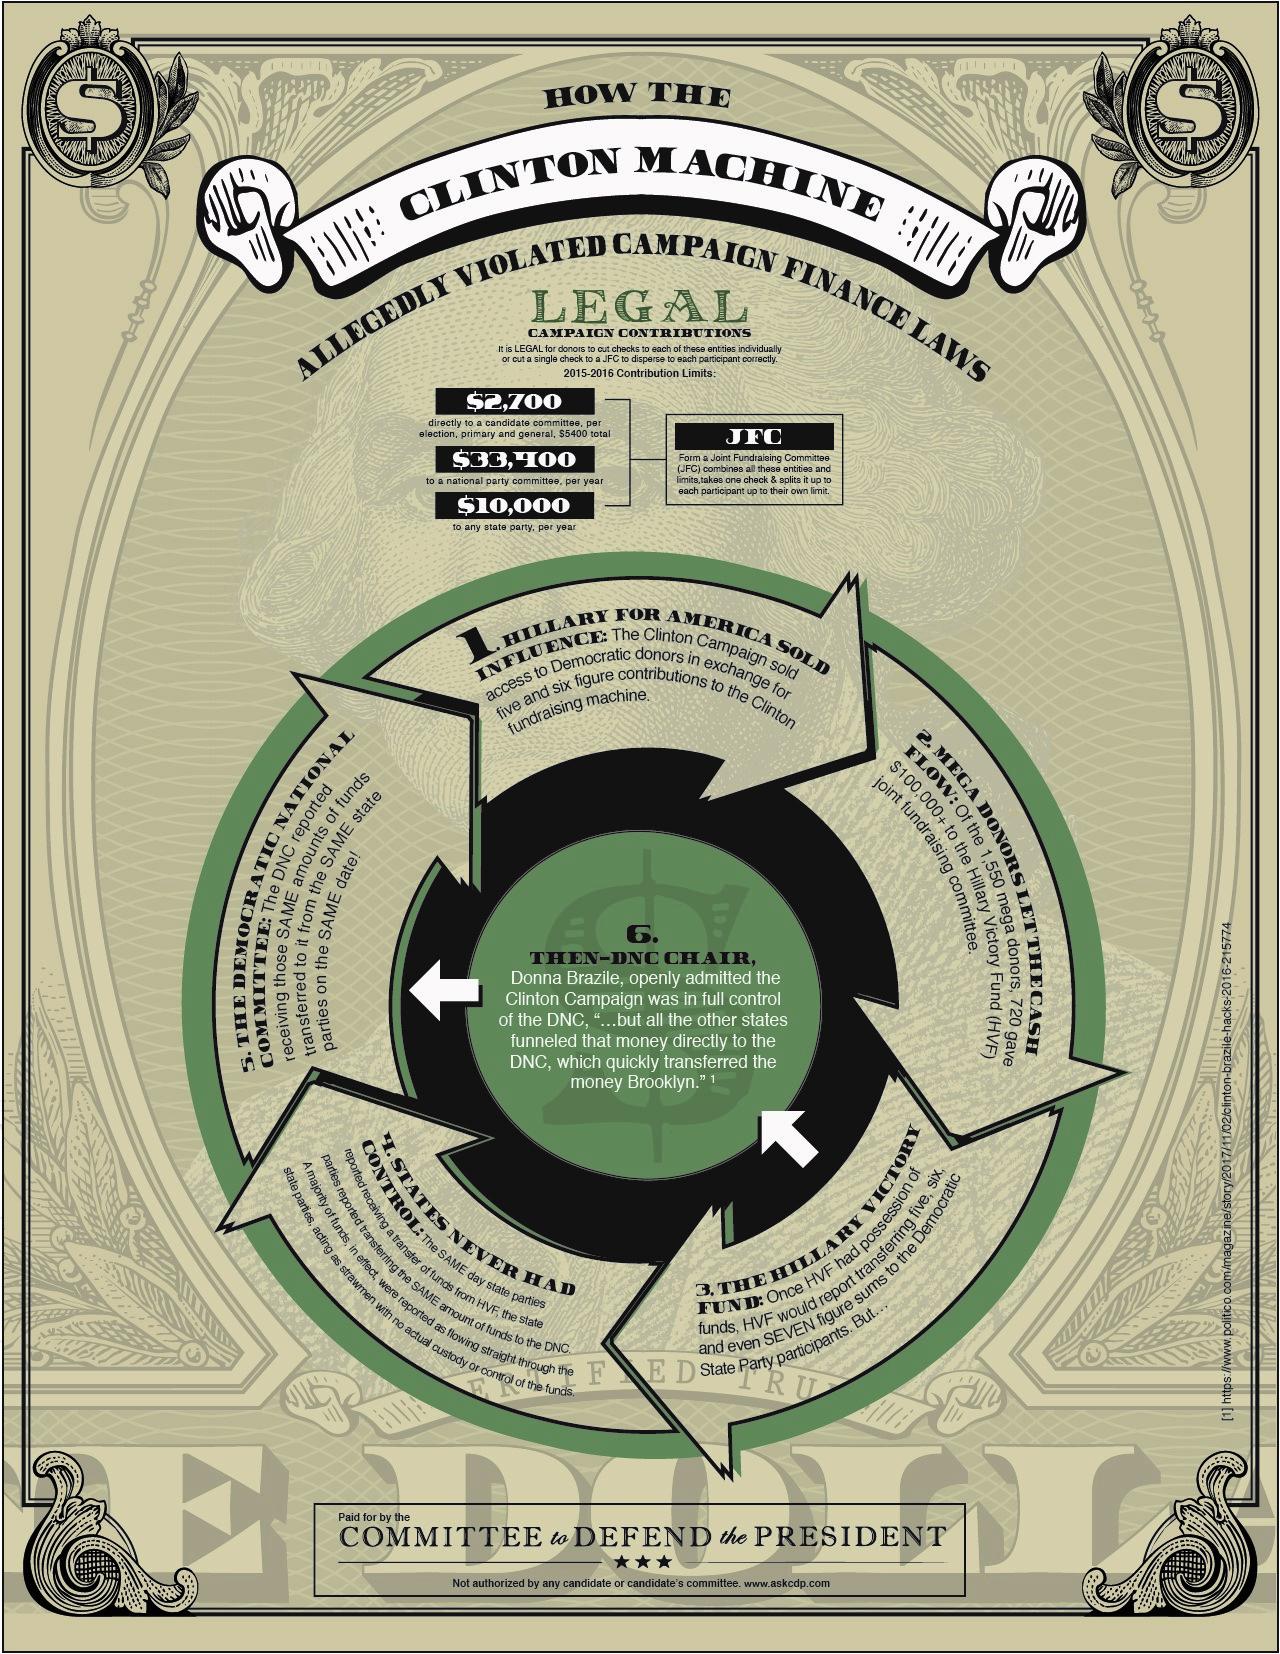 Info Graphic by Dan Backer